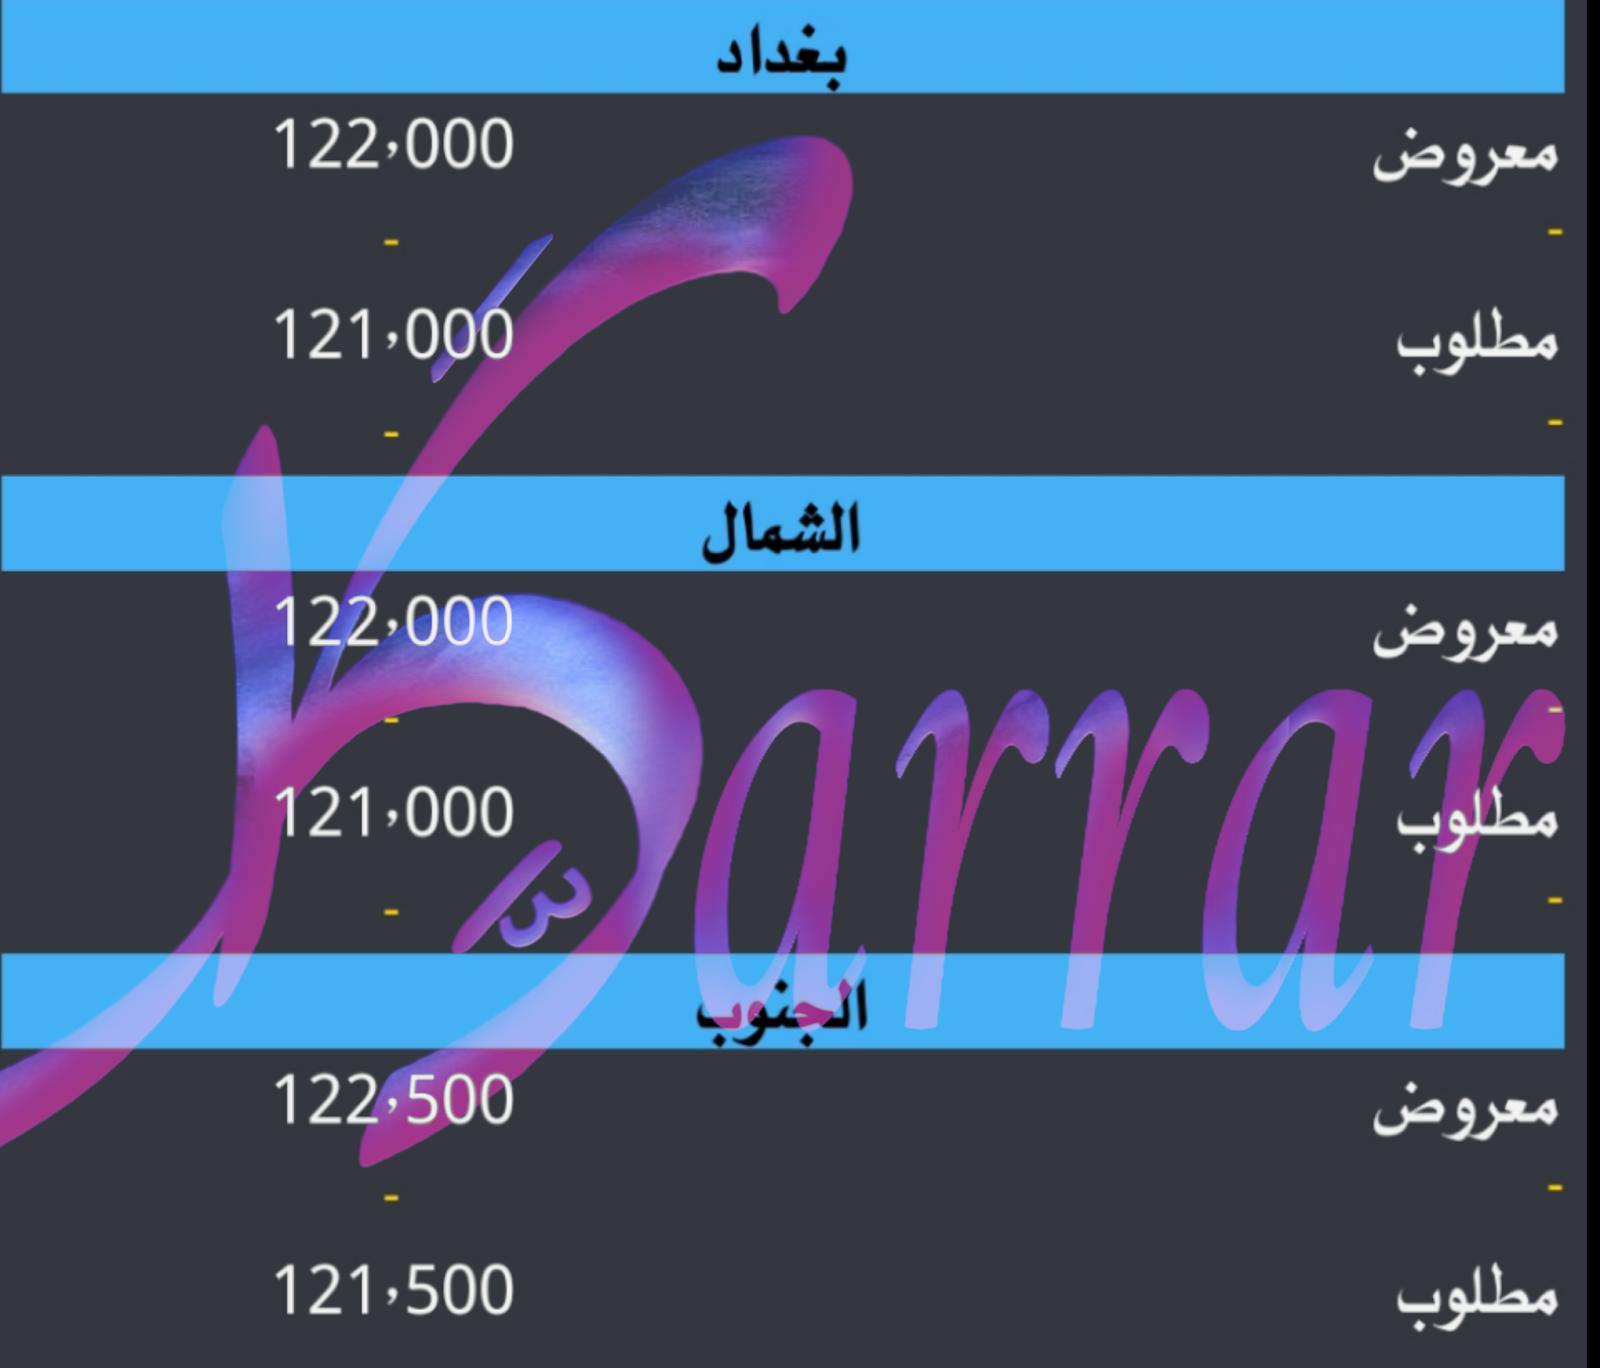 أسعار صرف الدولار في الأسواق العراقية والعالمية العملات العربية والعالمية اليوم 18 3 2020 أسعار صرف الدولار في الأسواق Incoming Call Screenshot Incoming Call